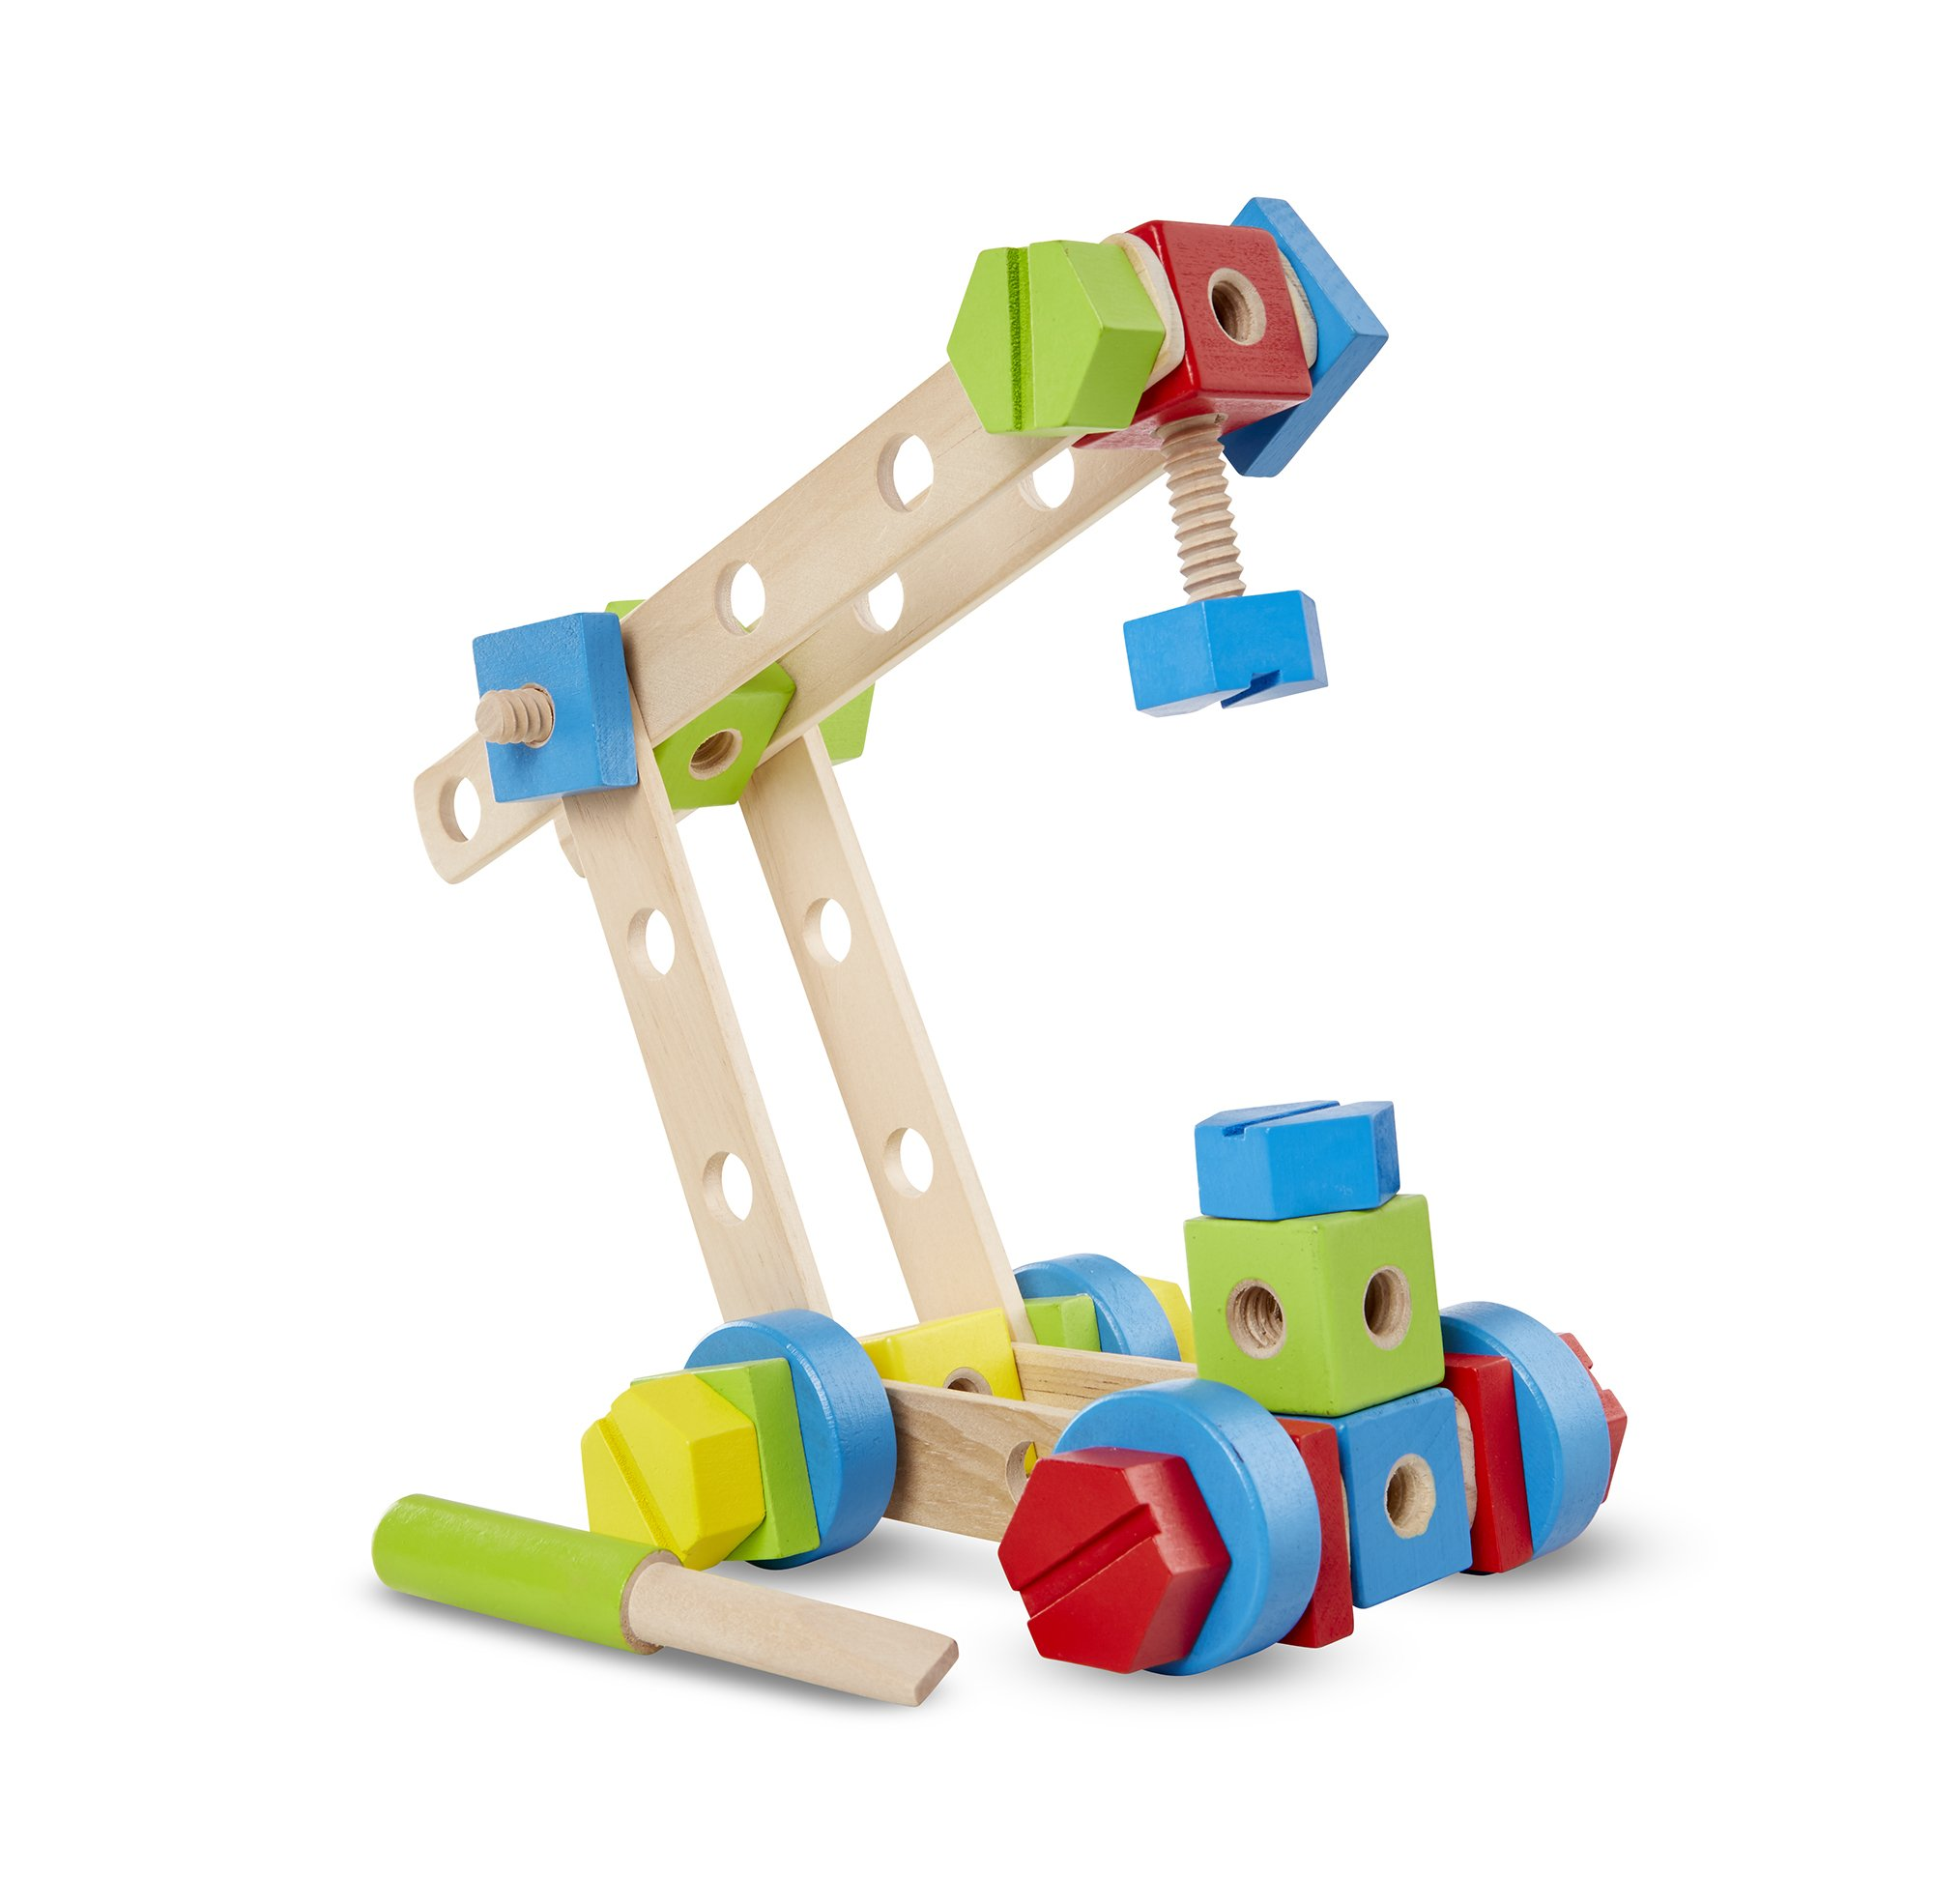 Guindaste para construir de madeira Melissa and Doug, vendido por R$ 129,99 na PBKids